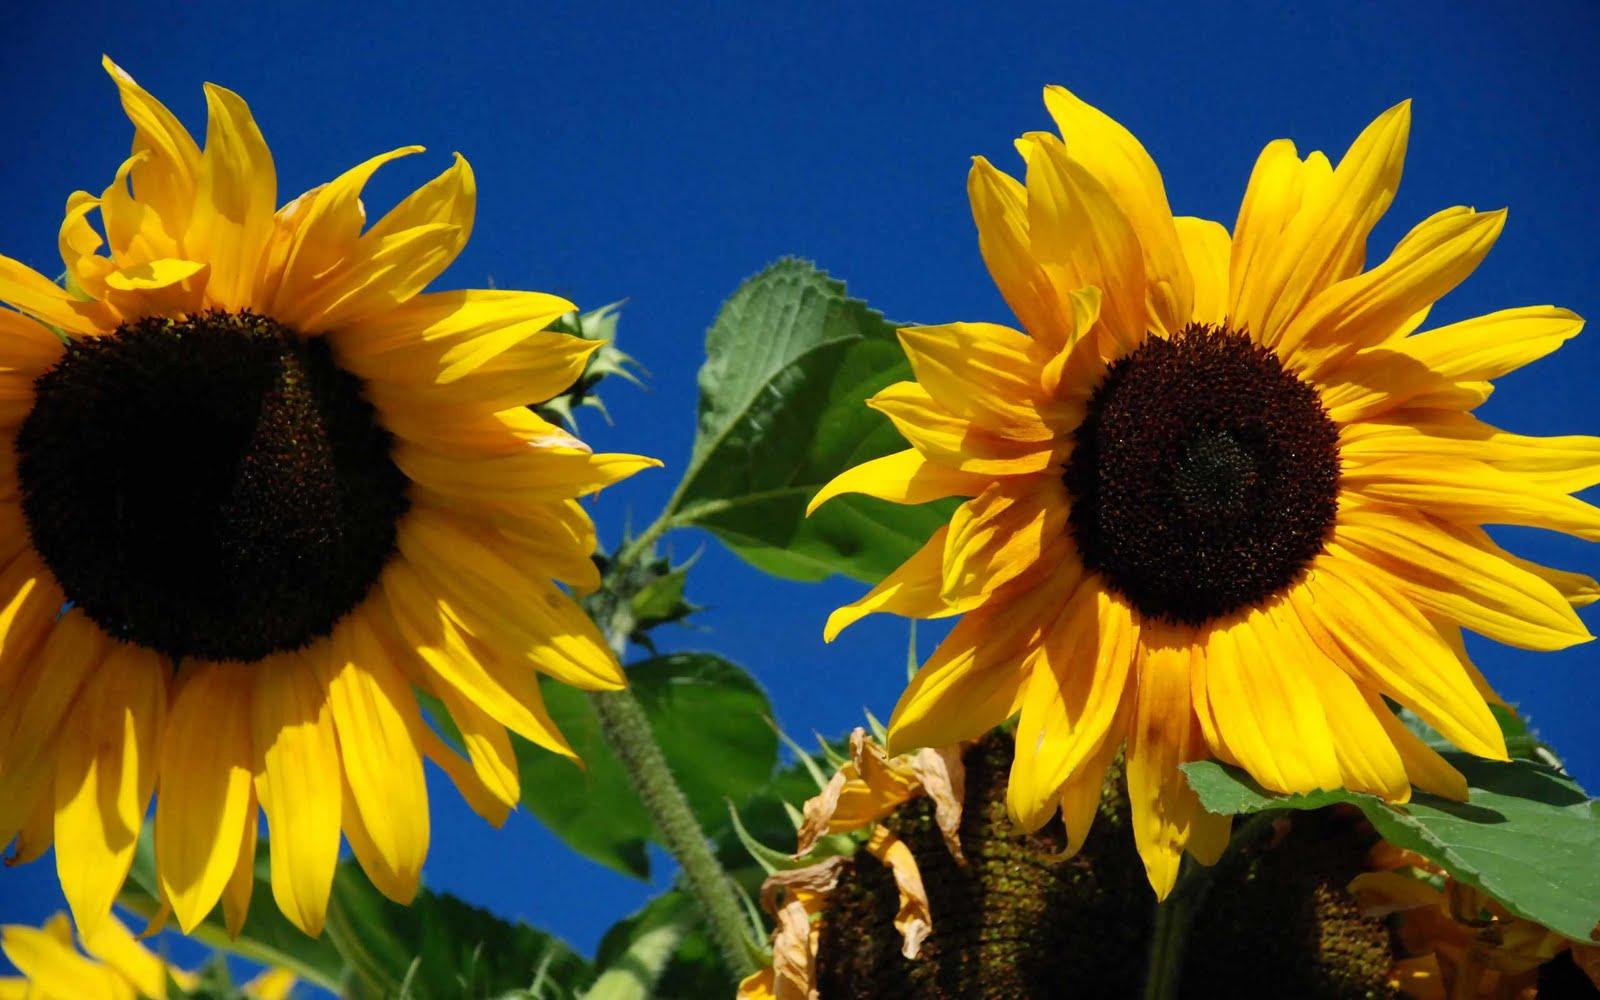 wallpaper: Beautiful Sunflower Wallpapers